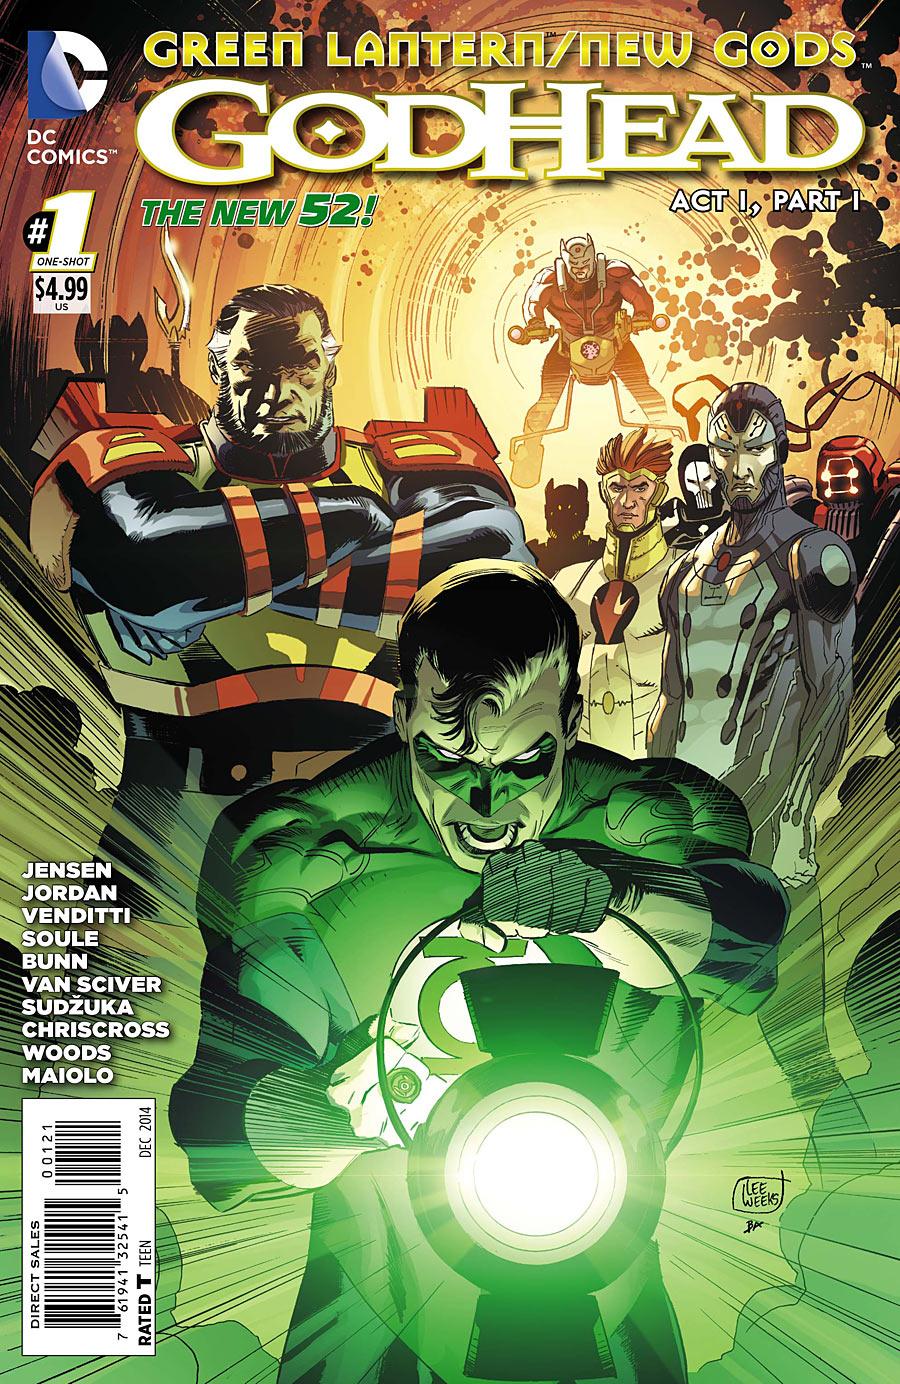 HQ do Dia | Lanterna Verde/Novos Deuses - Godhead - A saga completa